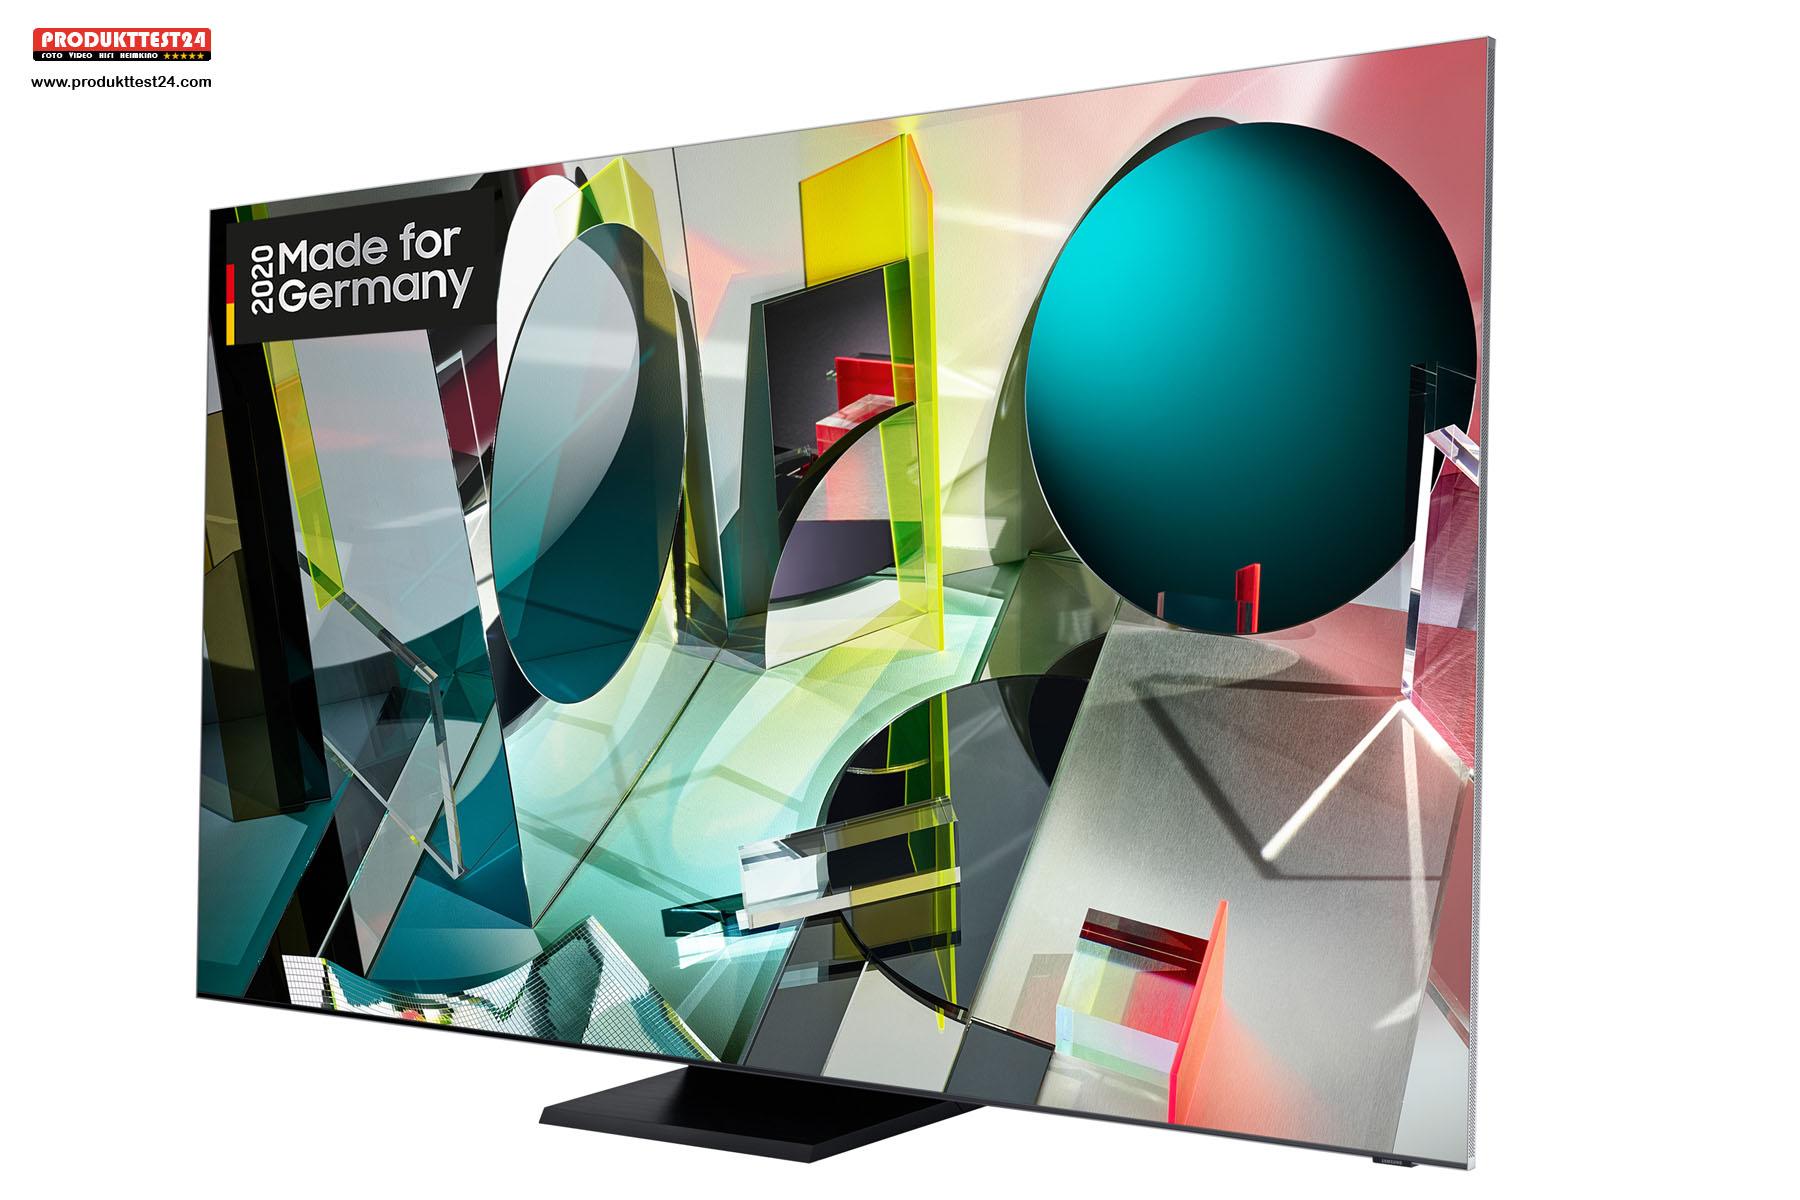 Samsung GQ65Q950T verfügt über ein 65 Zoll großes 8K QLED Display